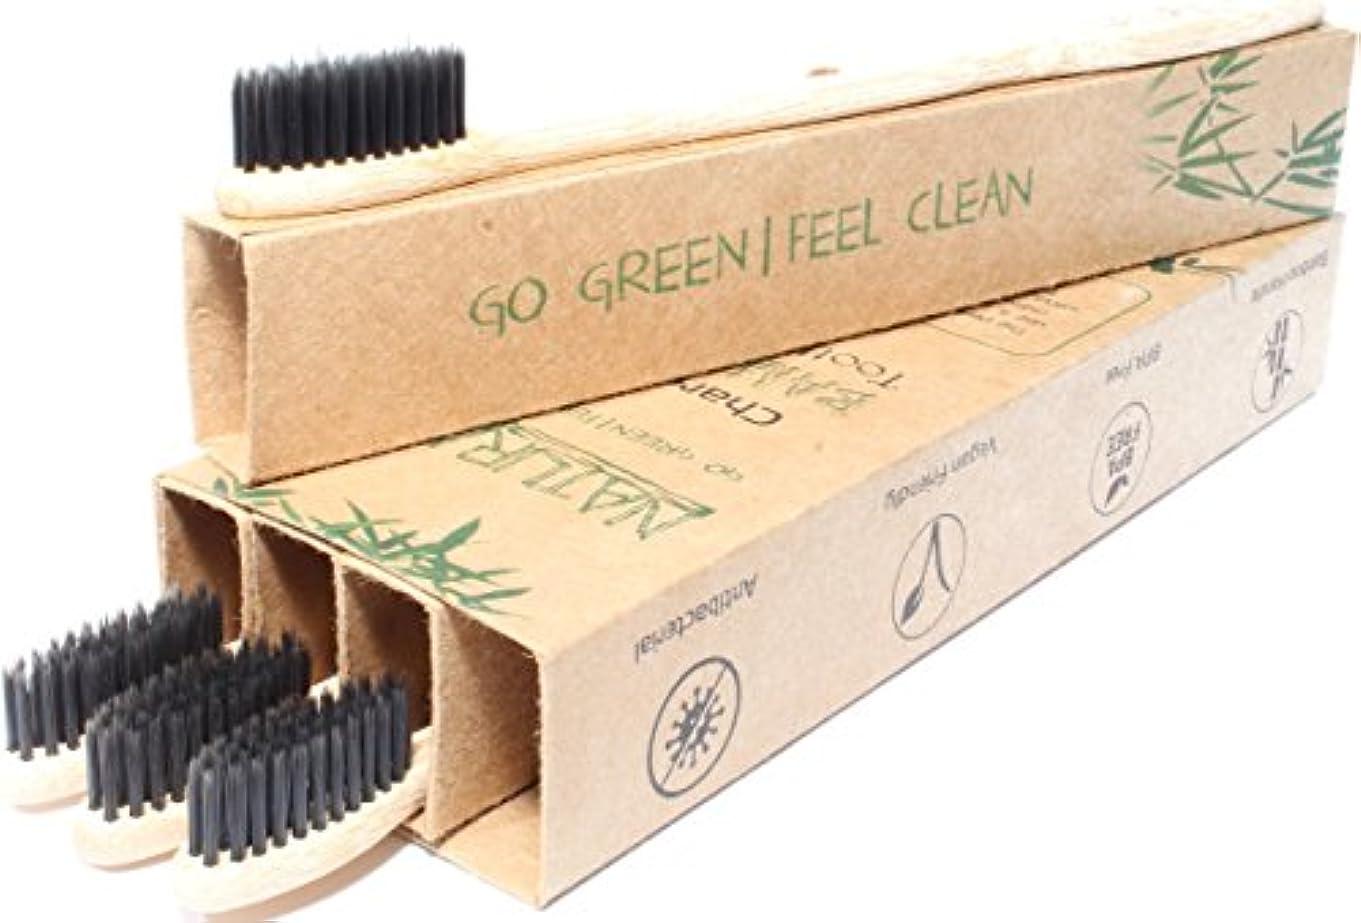 ファブリックヒロイック立方体Natural Alt Bamboo Charcoal Toothbrush - 4 Pack, Eco Friendly, Biodegradable, 100% Vegan With Amazing Teeth Whitening...